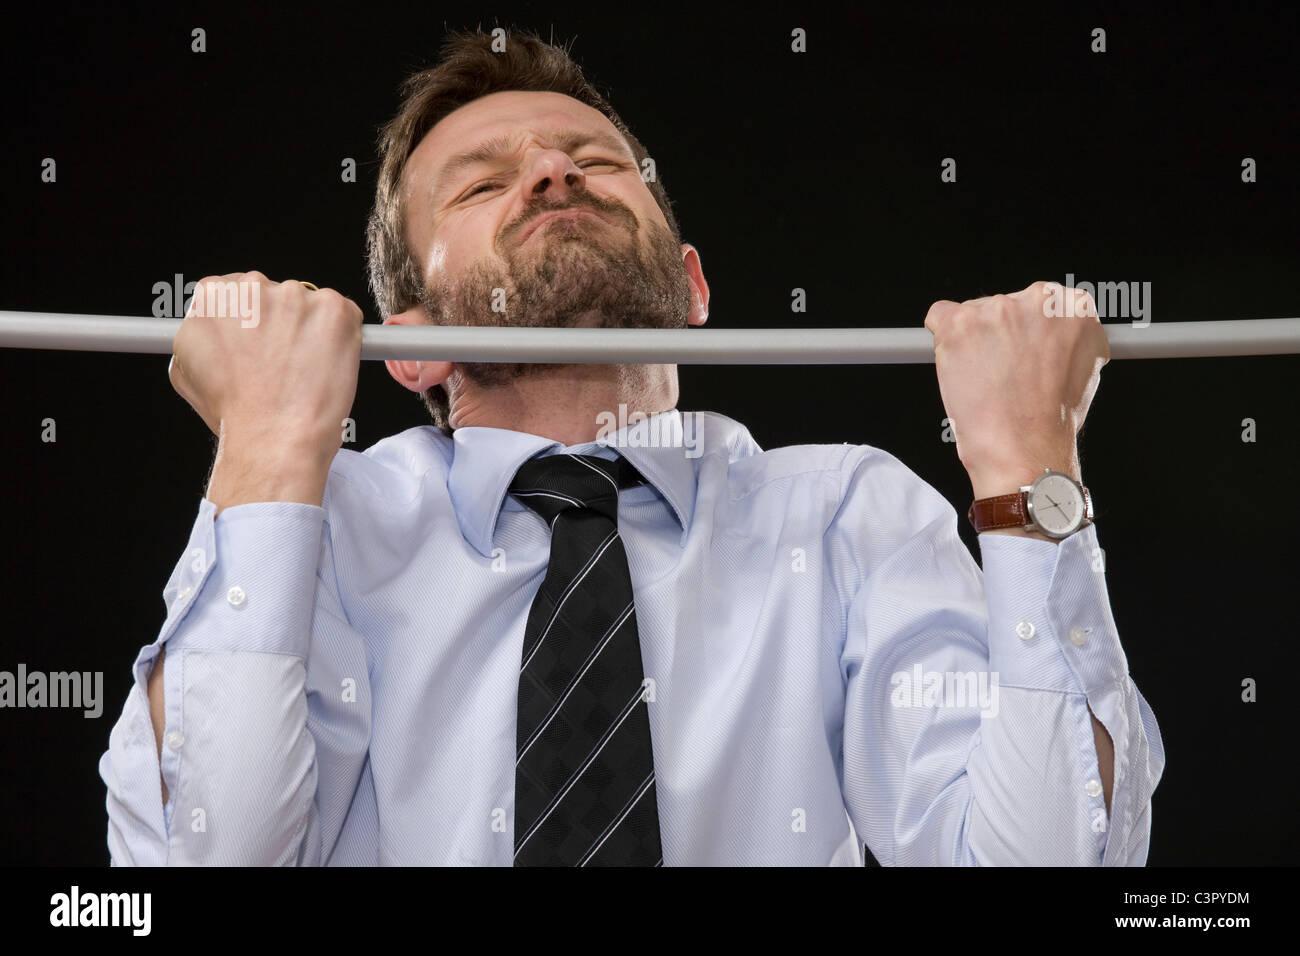 Imprenditore facendo pull-up close-up Immagini Stock